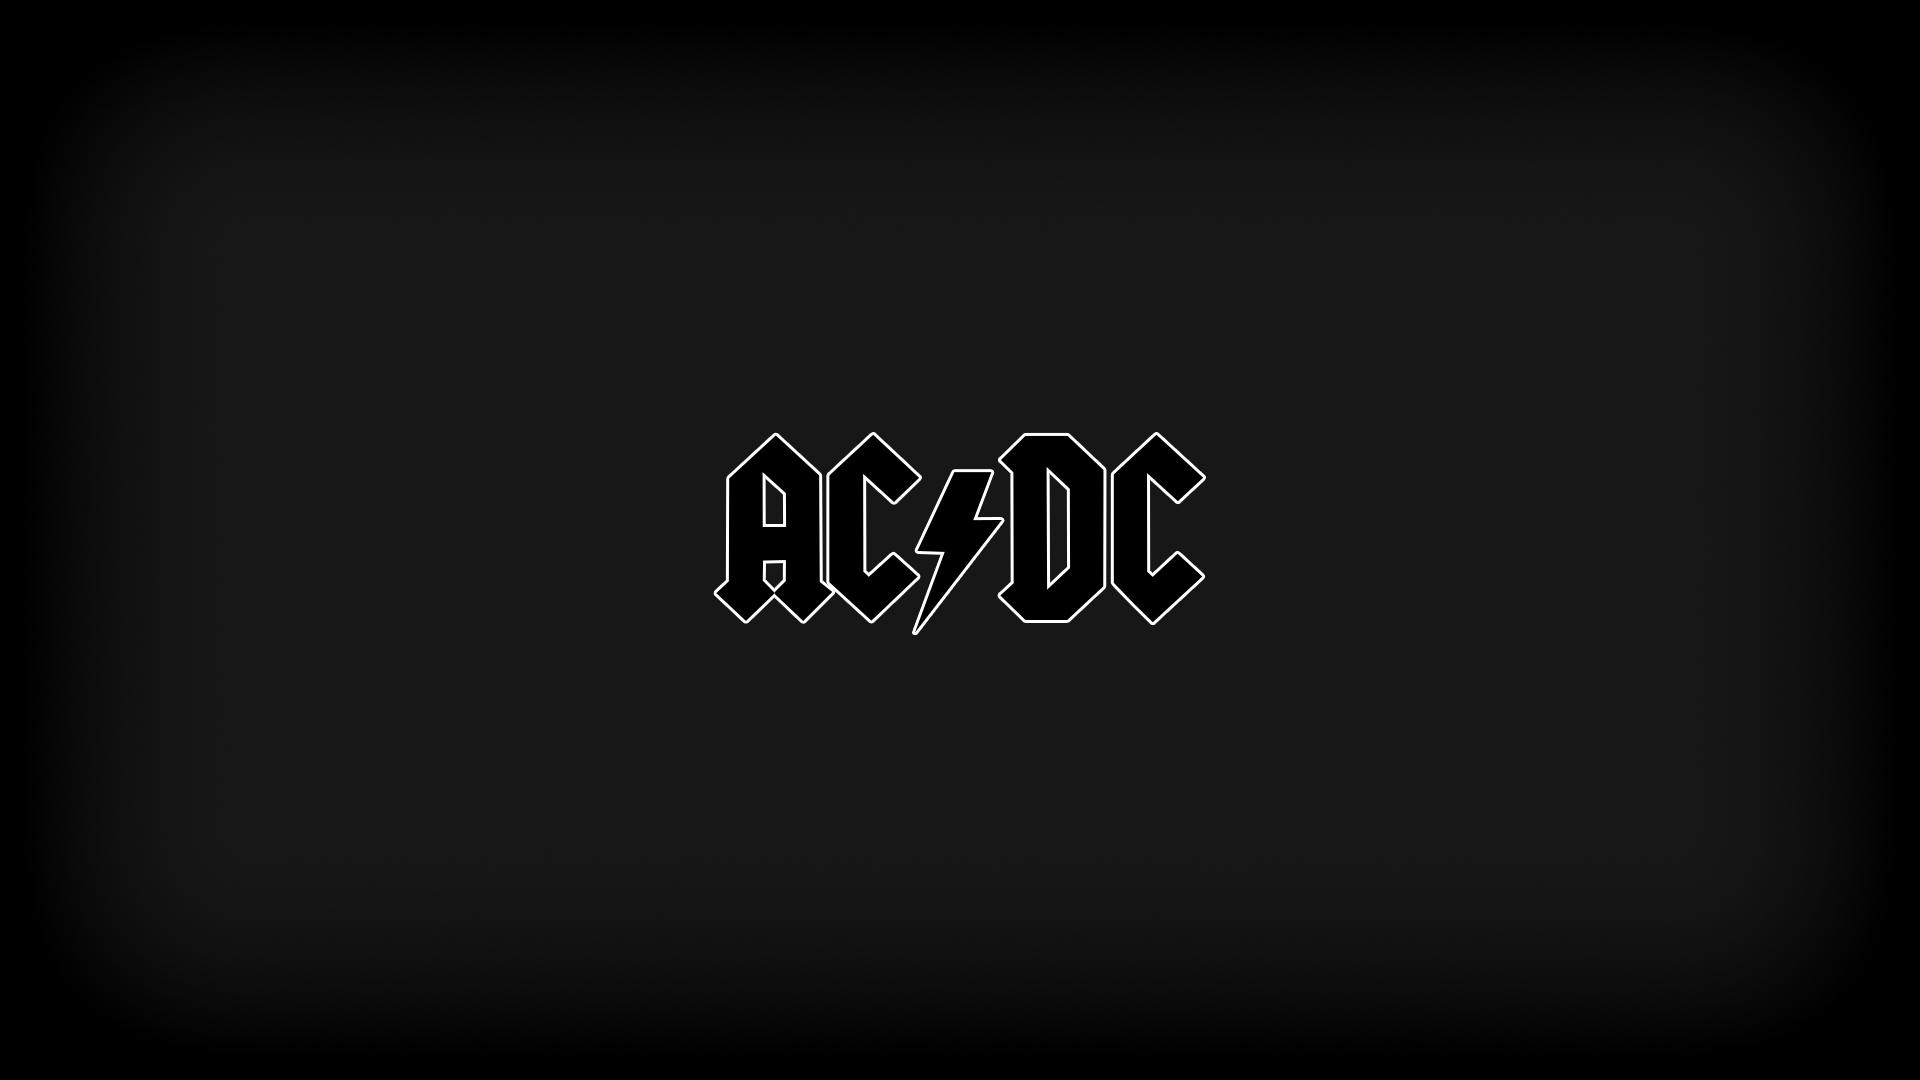 Fondos de pantalla monocromo rock texto logo marca for Papel pintado blanco y negro